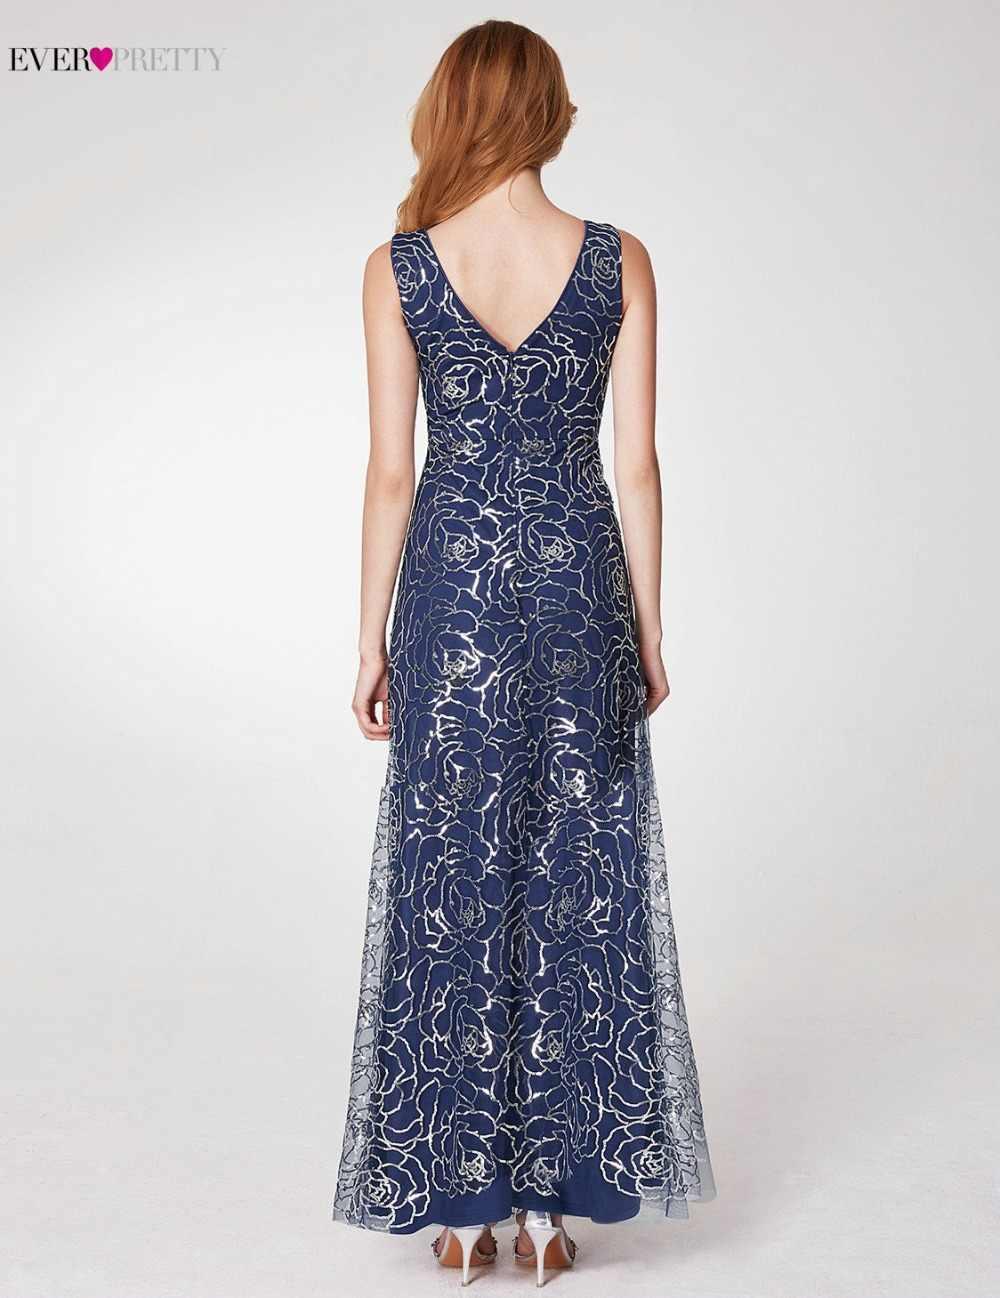 אי פעם די נוצצים כהה כחול ערב שמלות 2019 חדש הגעה V צוואר קו גבוהה פיצול פורמליות נשים ערב שמלות EP07287NB